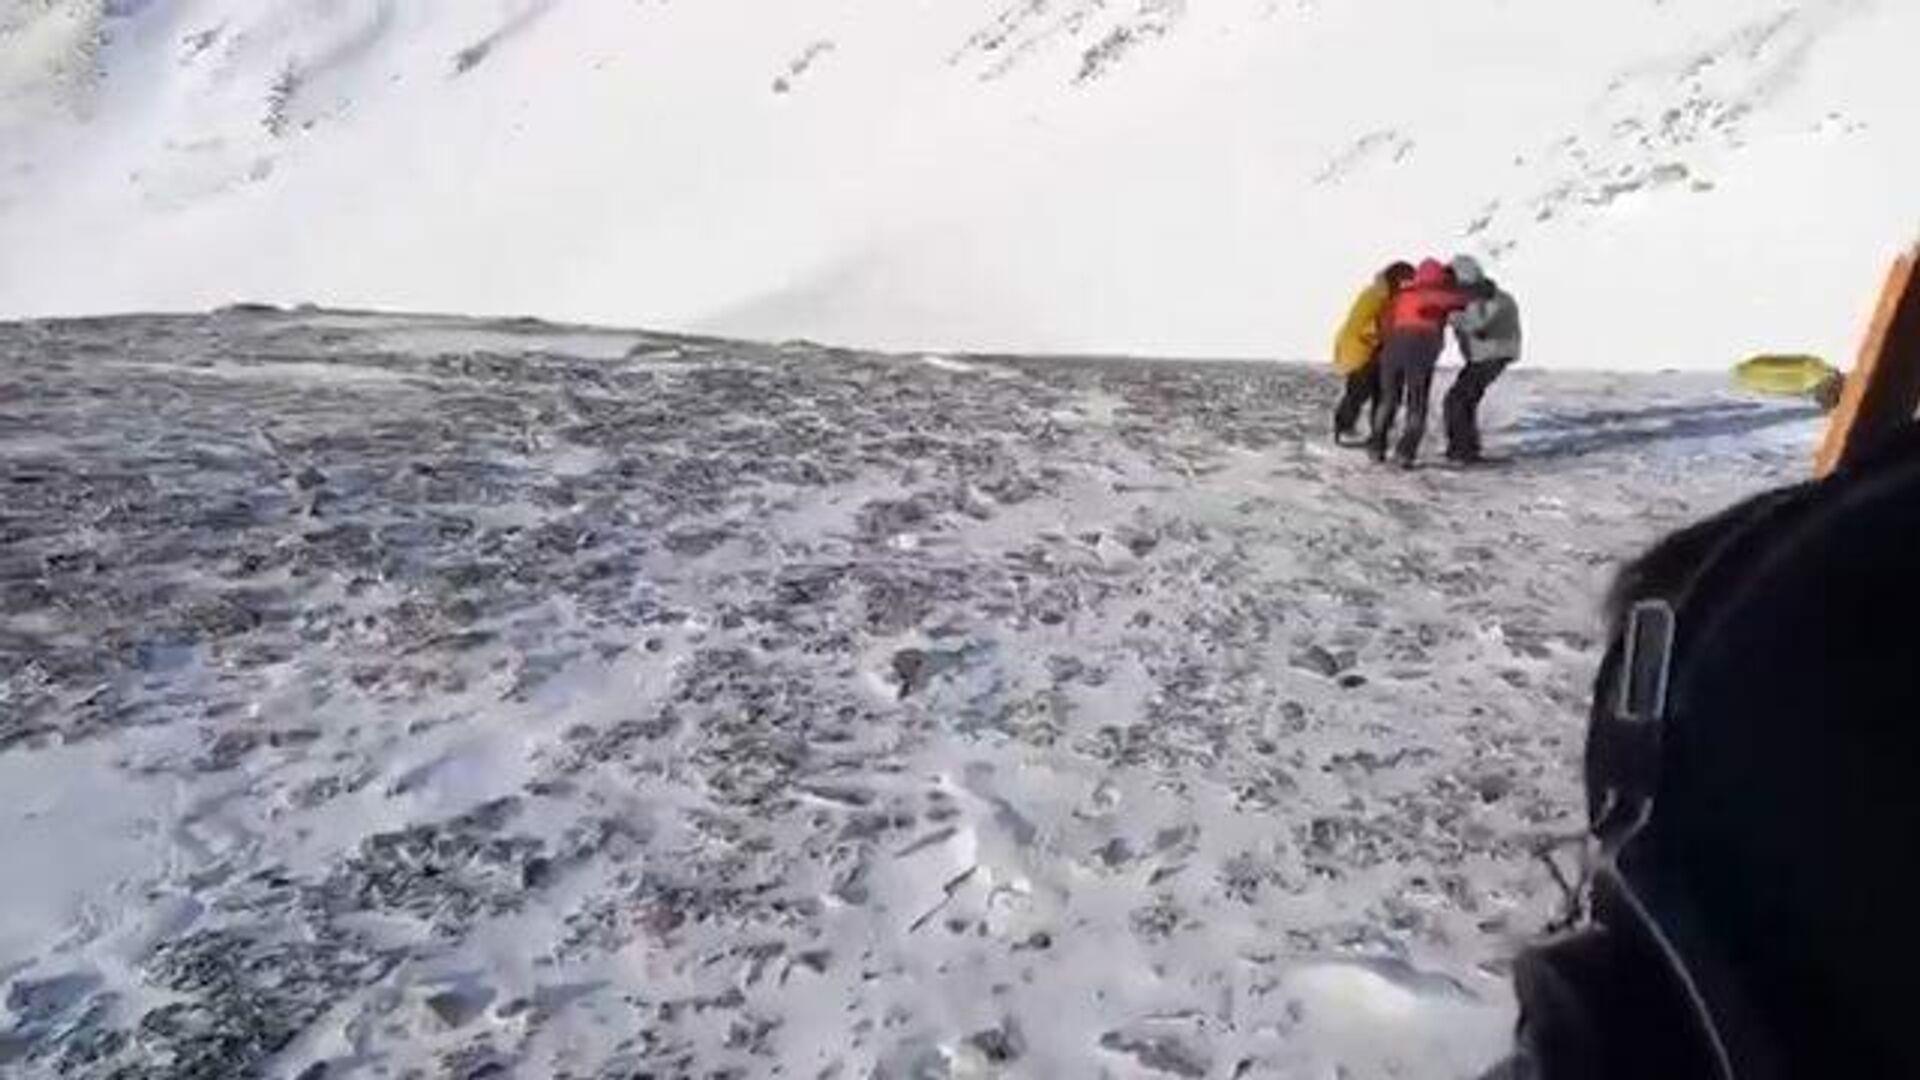 Спасение туристов, попавших под лавину в горах Бурятии. Кадры МЧС - РИА Новости, 1920, 04.05.2021